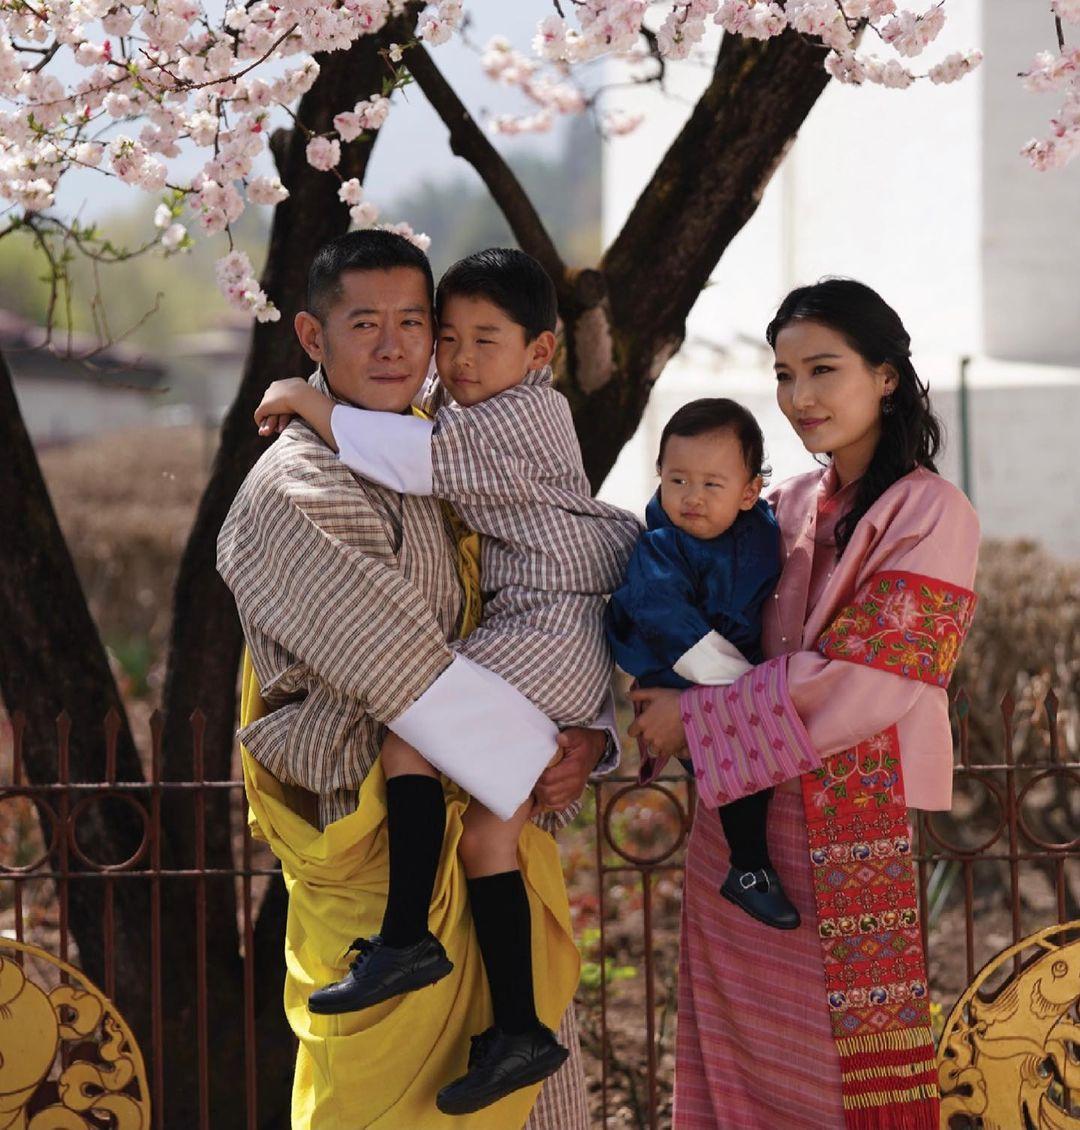 ブータンのワンチュク国王一家/日本にもファンが多いロイヤルファミリー